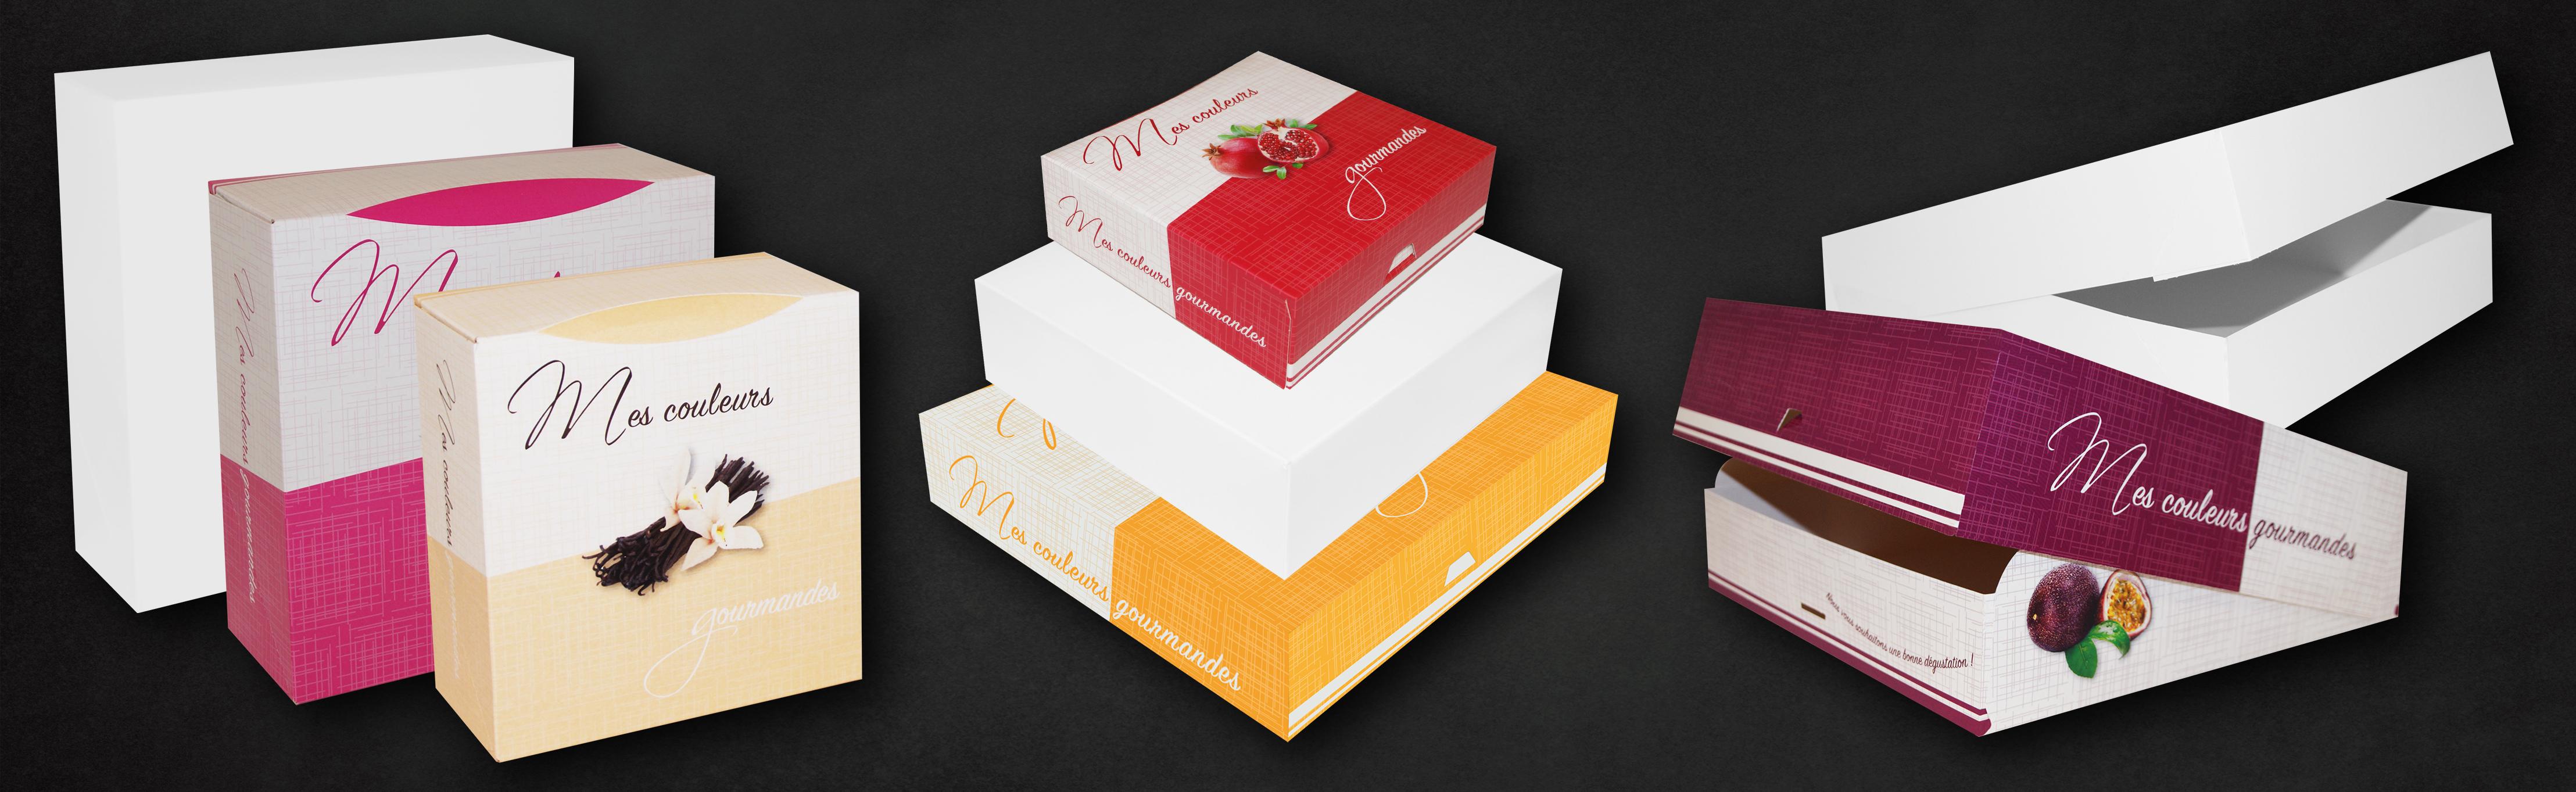 Boîtes à gâteaux pour professionnel et particulier - Ateliers Porraz